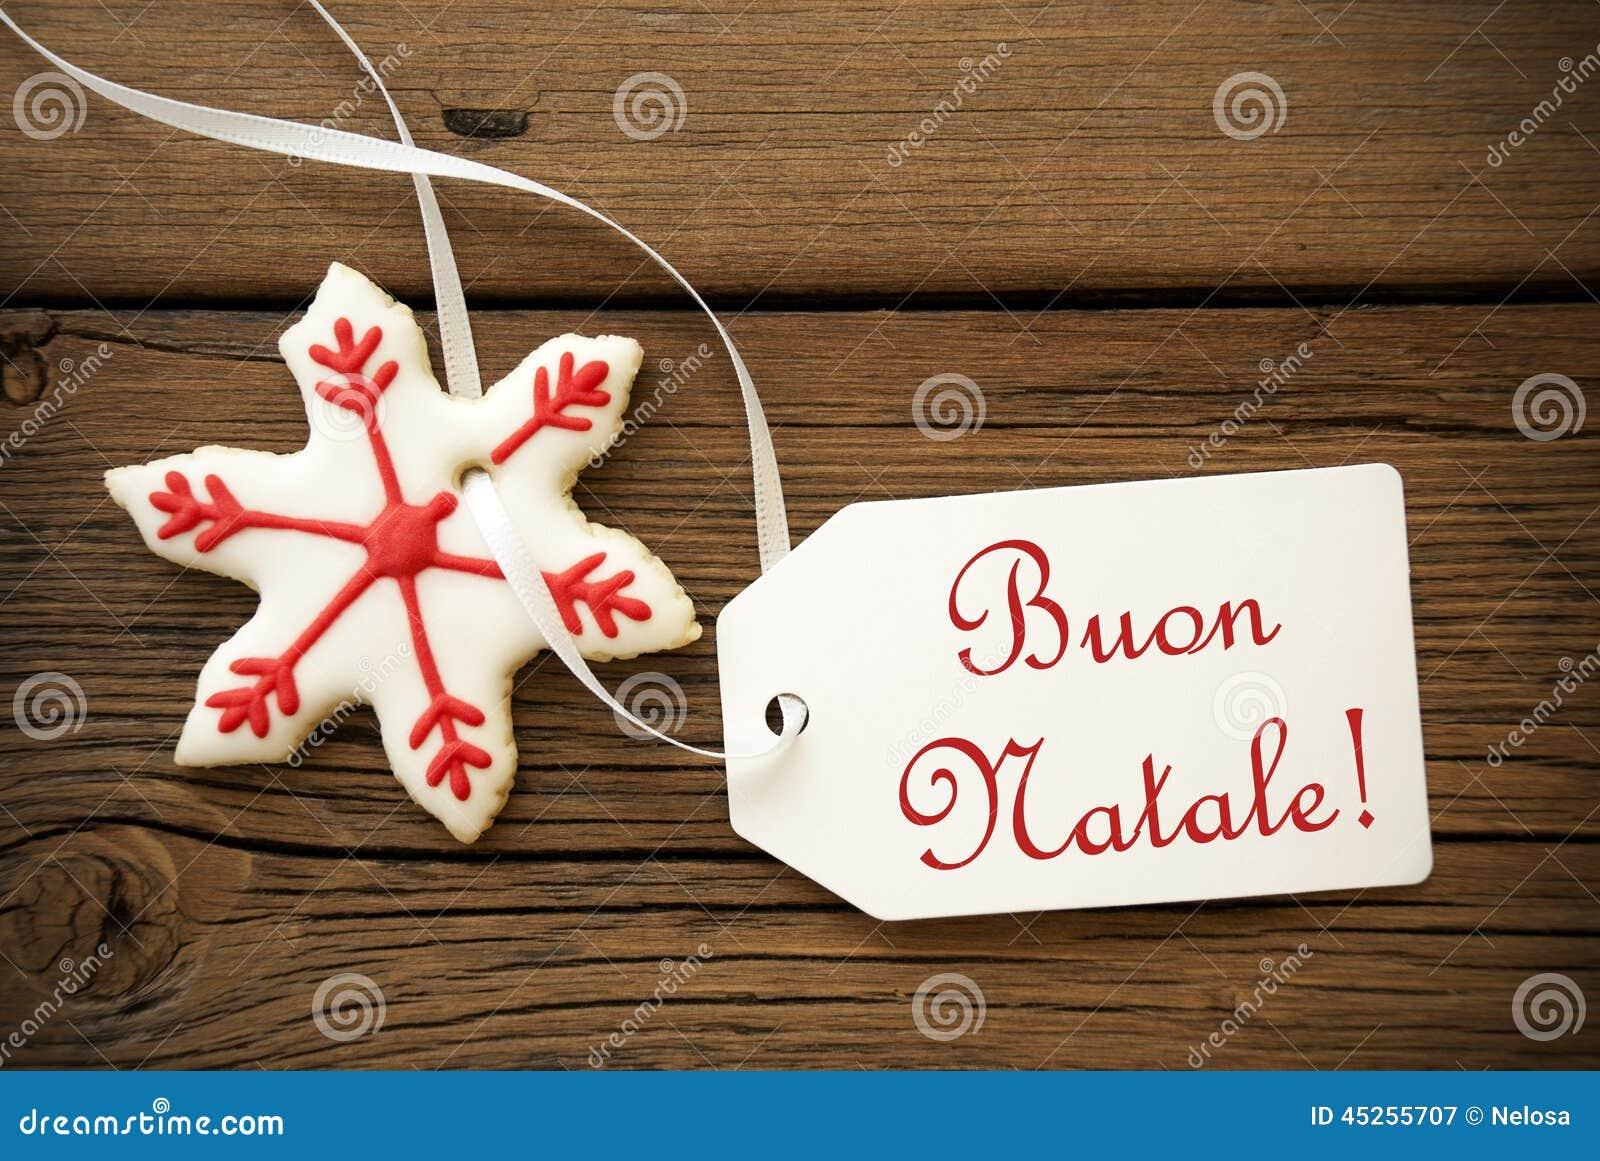 Weihnachtsgrüße Italienisch übersetzung.Weihnachtsgrüße Auf Italienisch Italiaansinschoonhoven